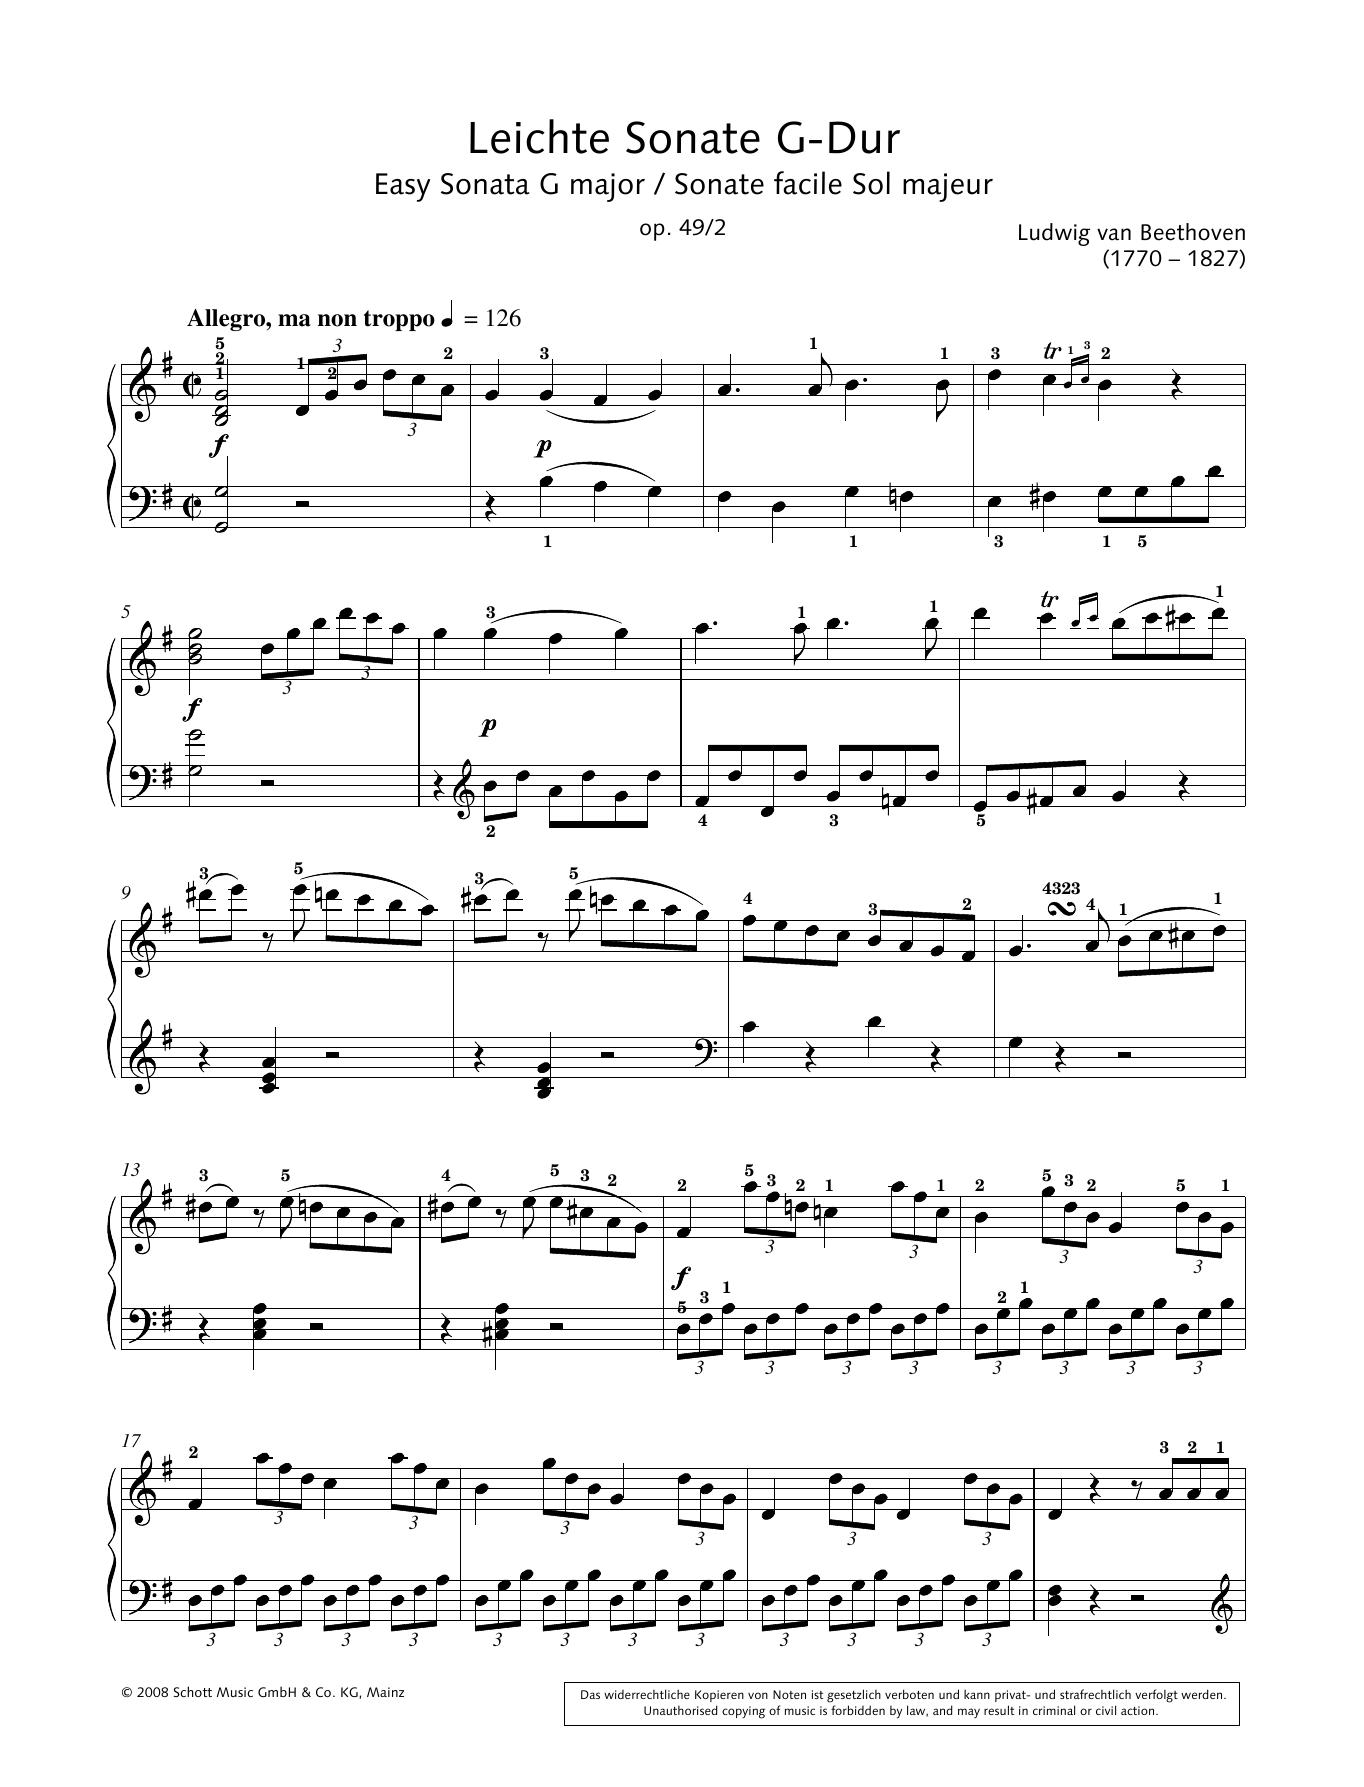 Easy Sonata in G major Sheet Music